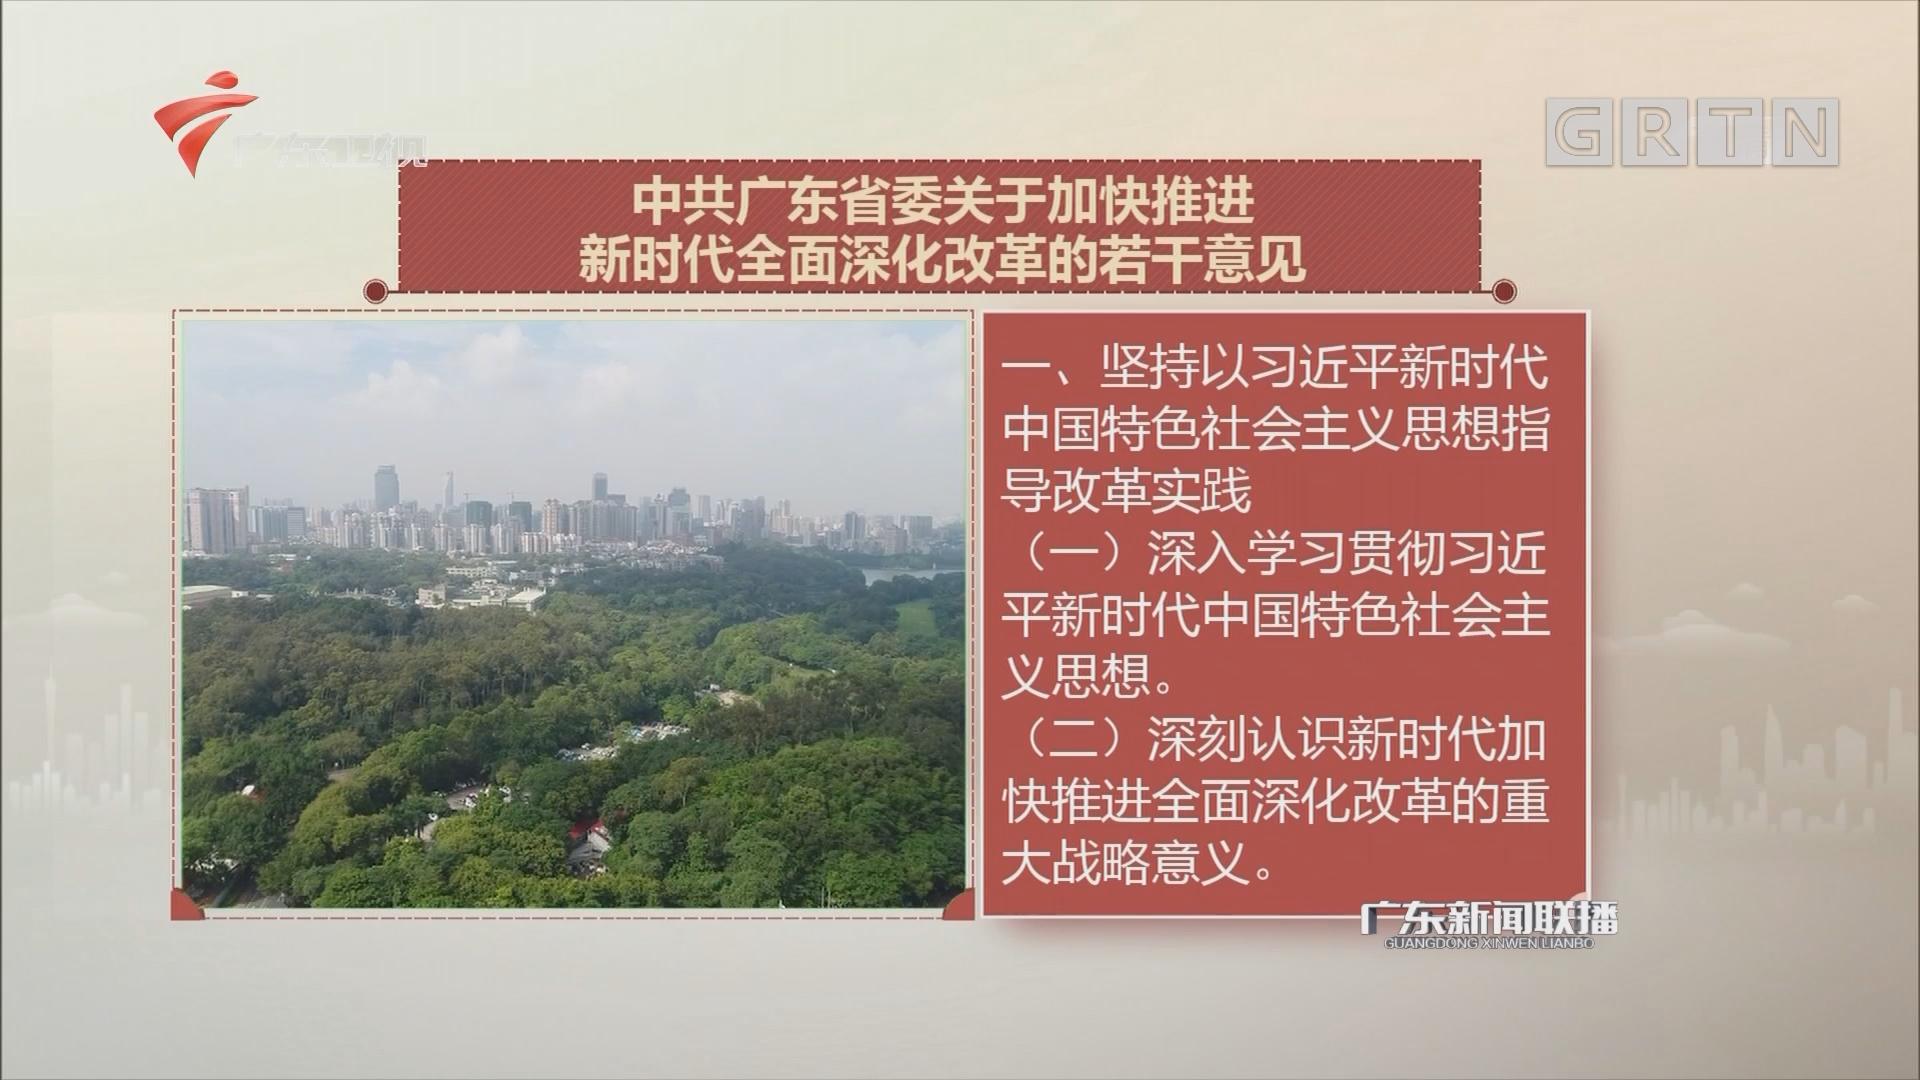 中共广东省委关于加快推进新时代全面深化改革的若干意见